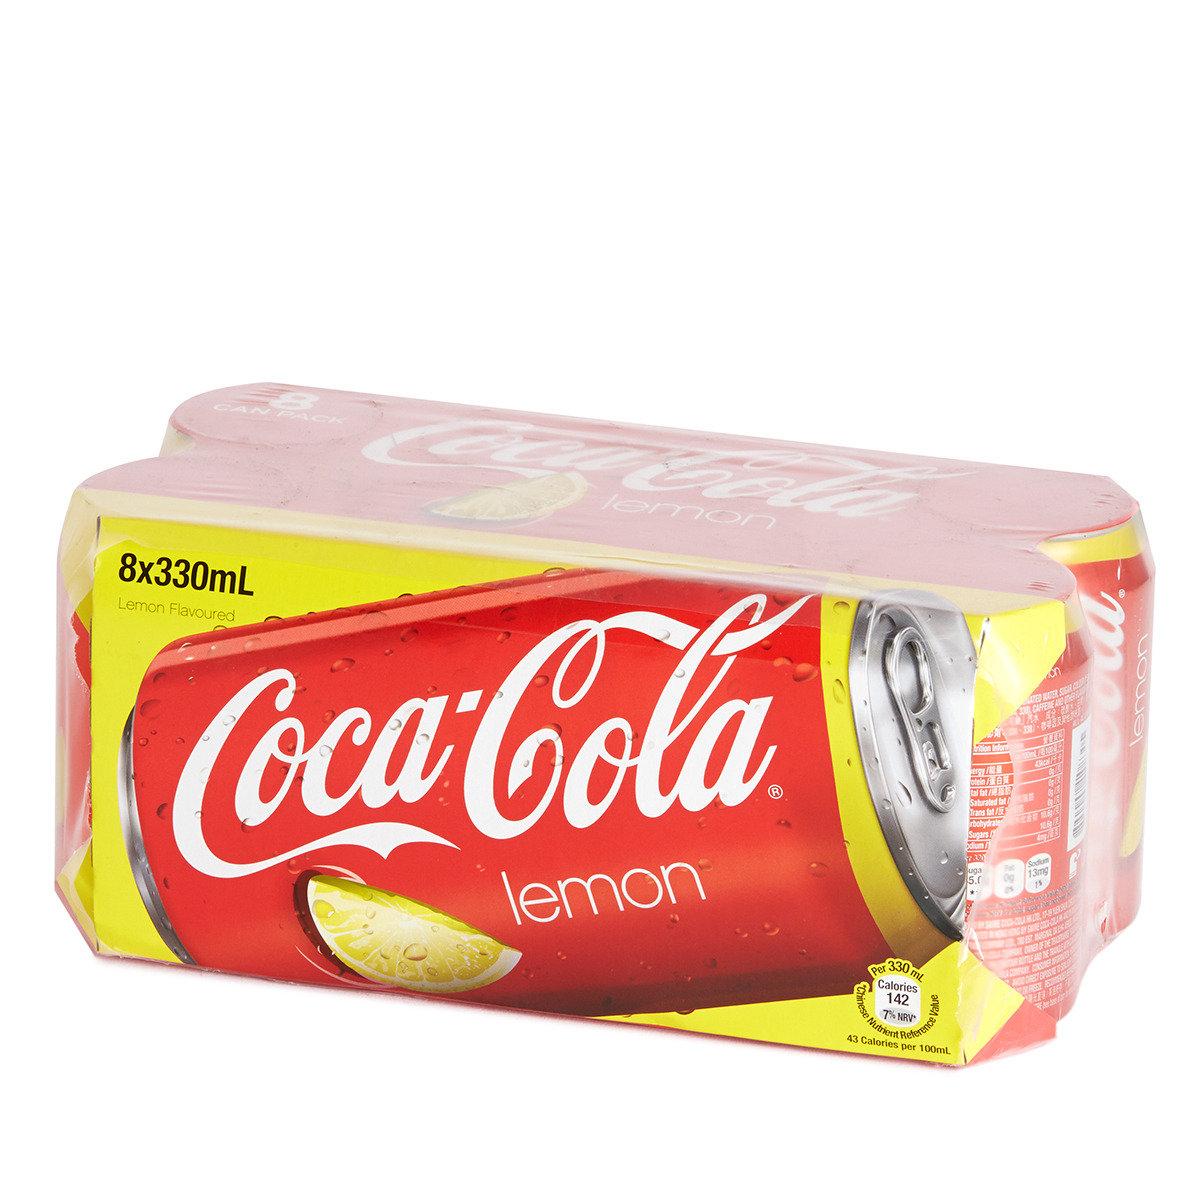 罐裝檸檬味可口可樂汽水